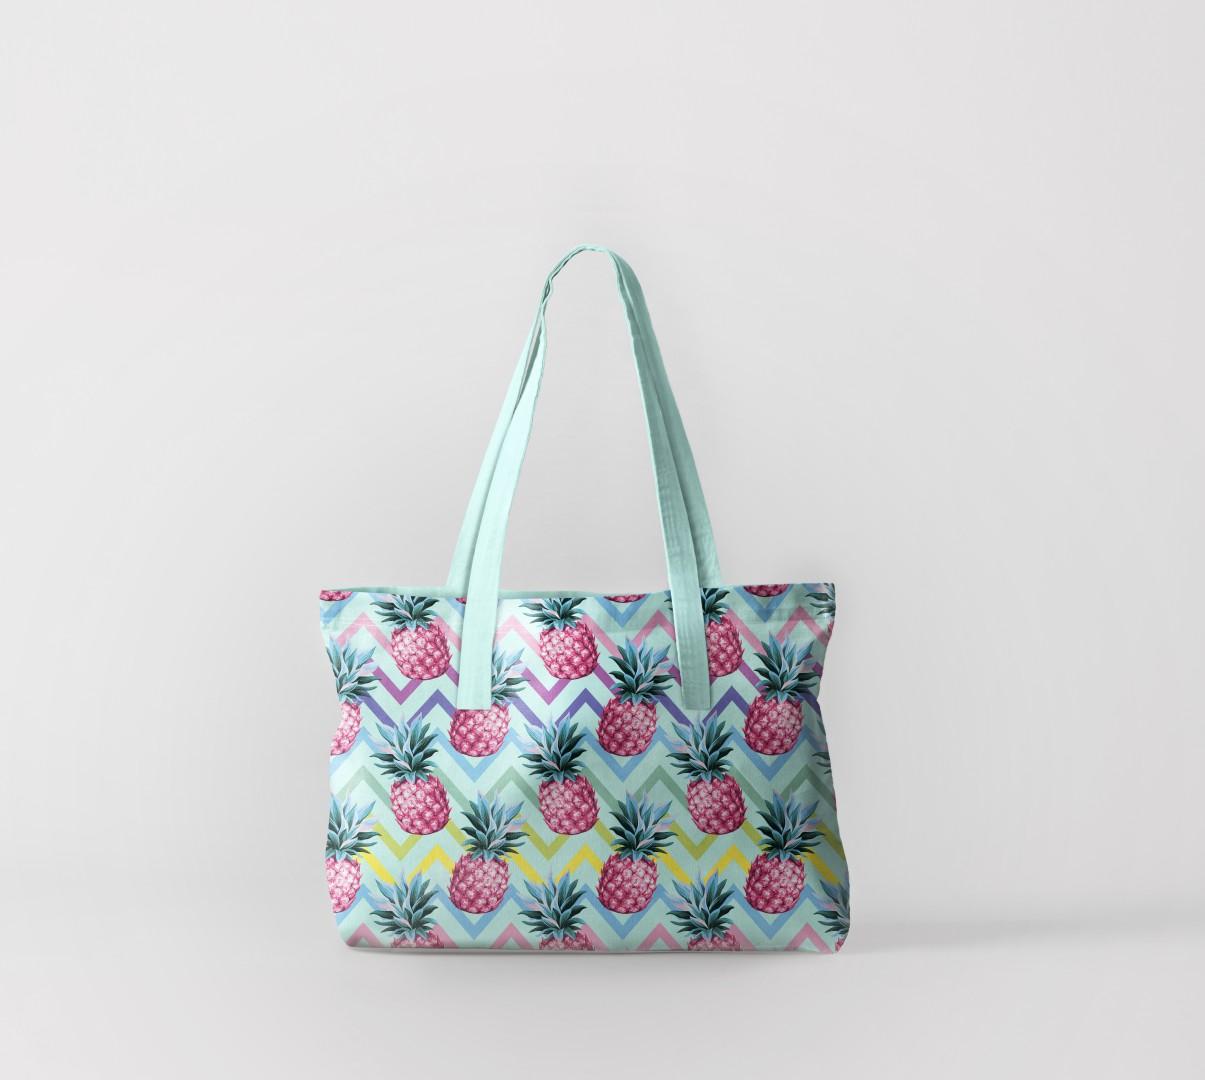 Пляжная сумка Ананасовые волны (50х40 см) Олимп Текстиль oli732550